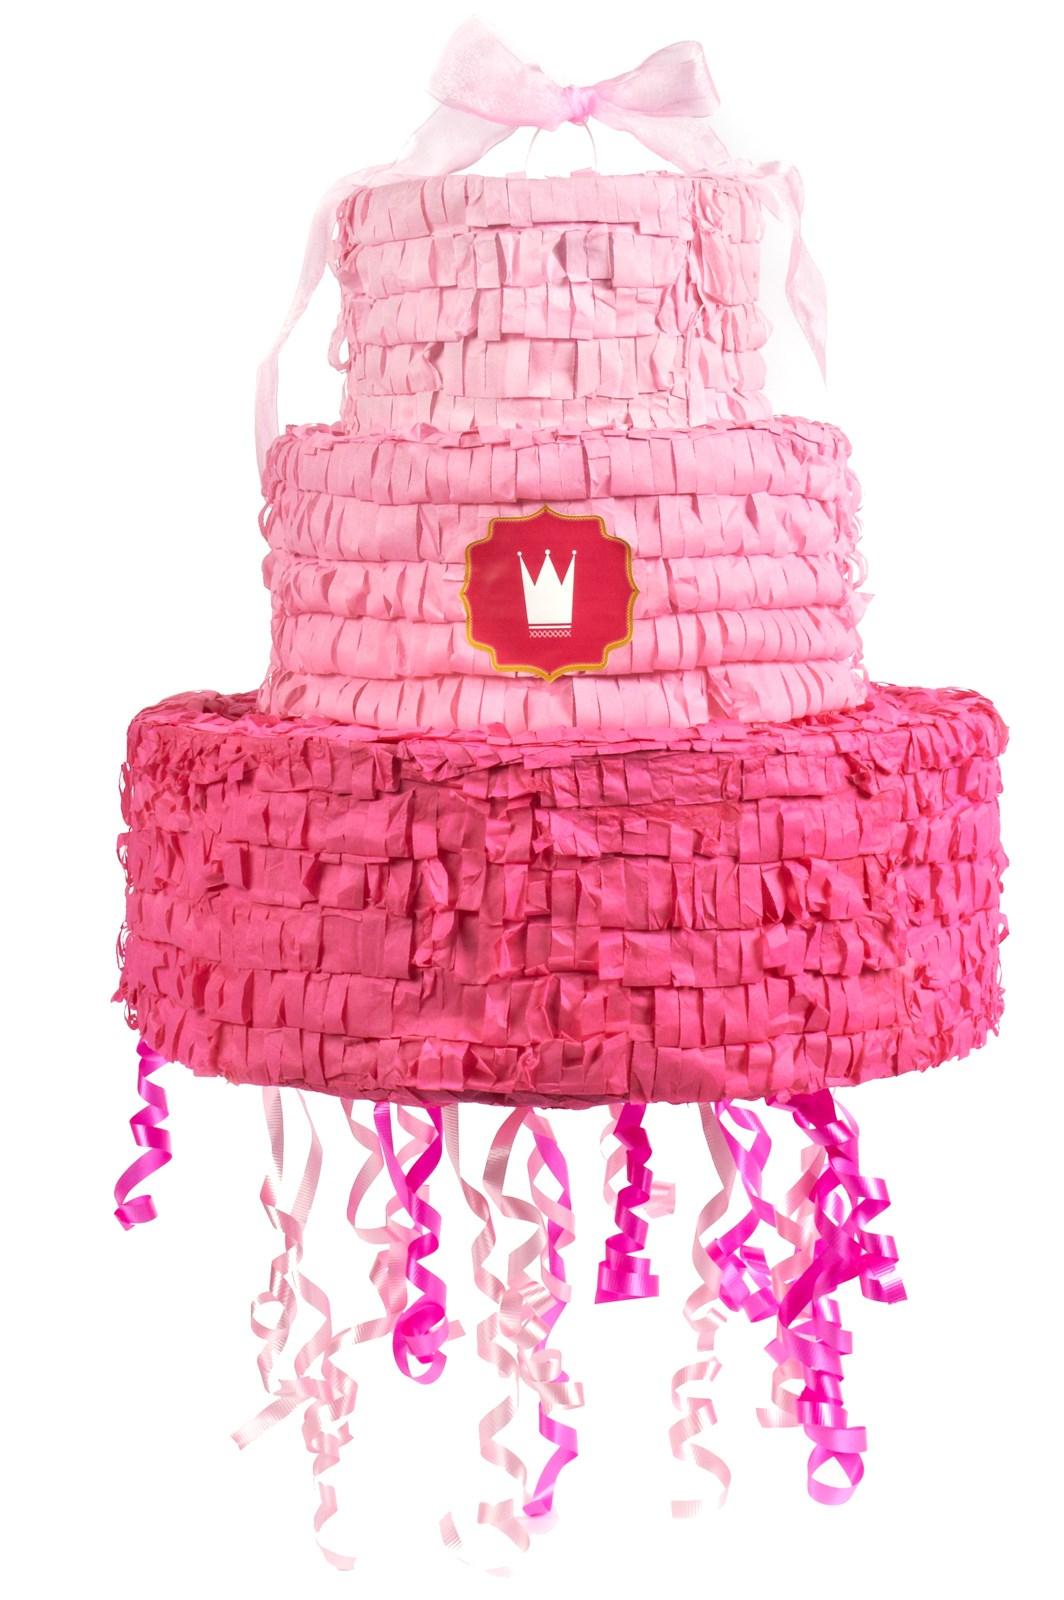 Image of Pink Pull-String Pinata with Ribbon